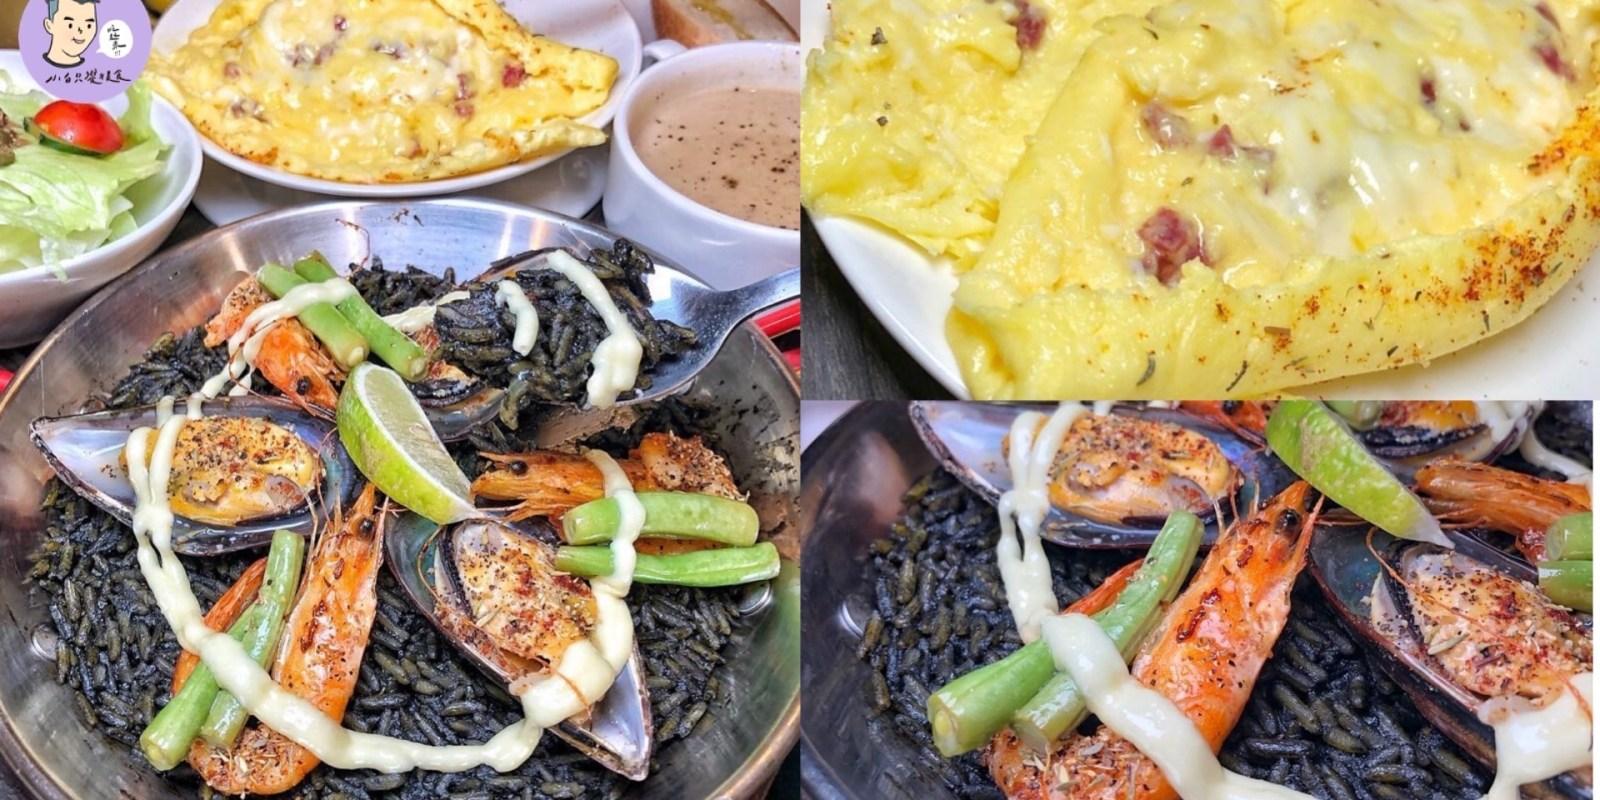 【台南美食】濠米西班牙廚房 不用花大錢也能吃到平價道地西班牙料理!燉飯只要百元初